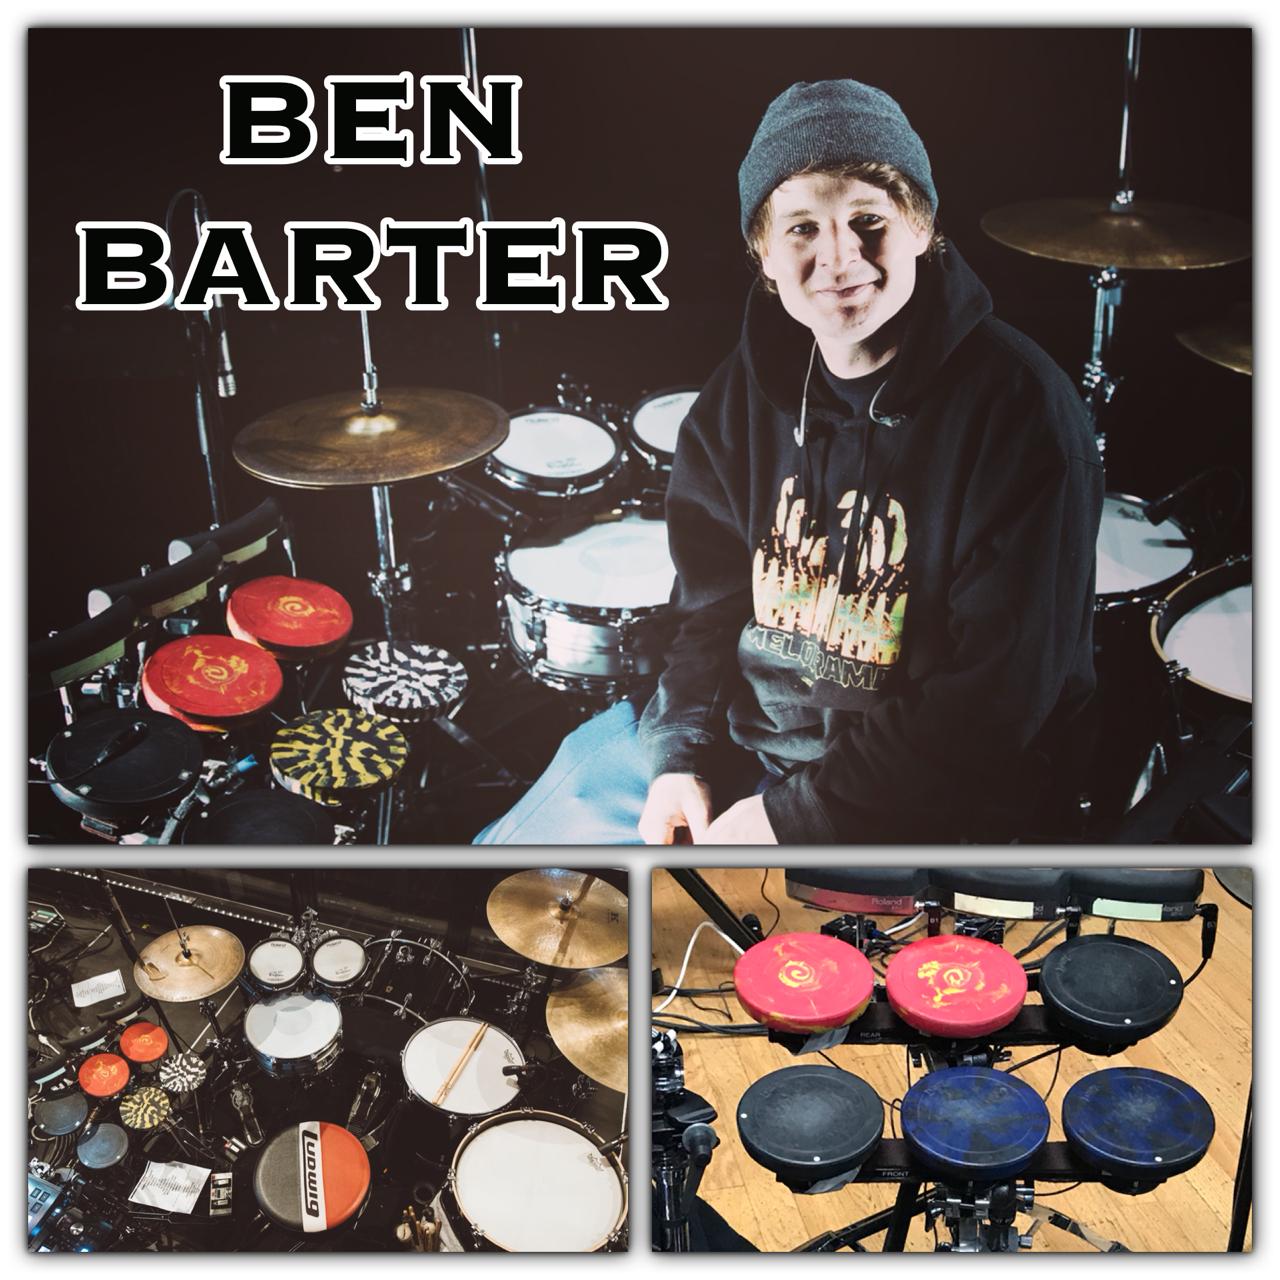 BEN BARTER